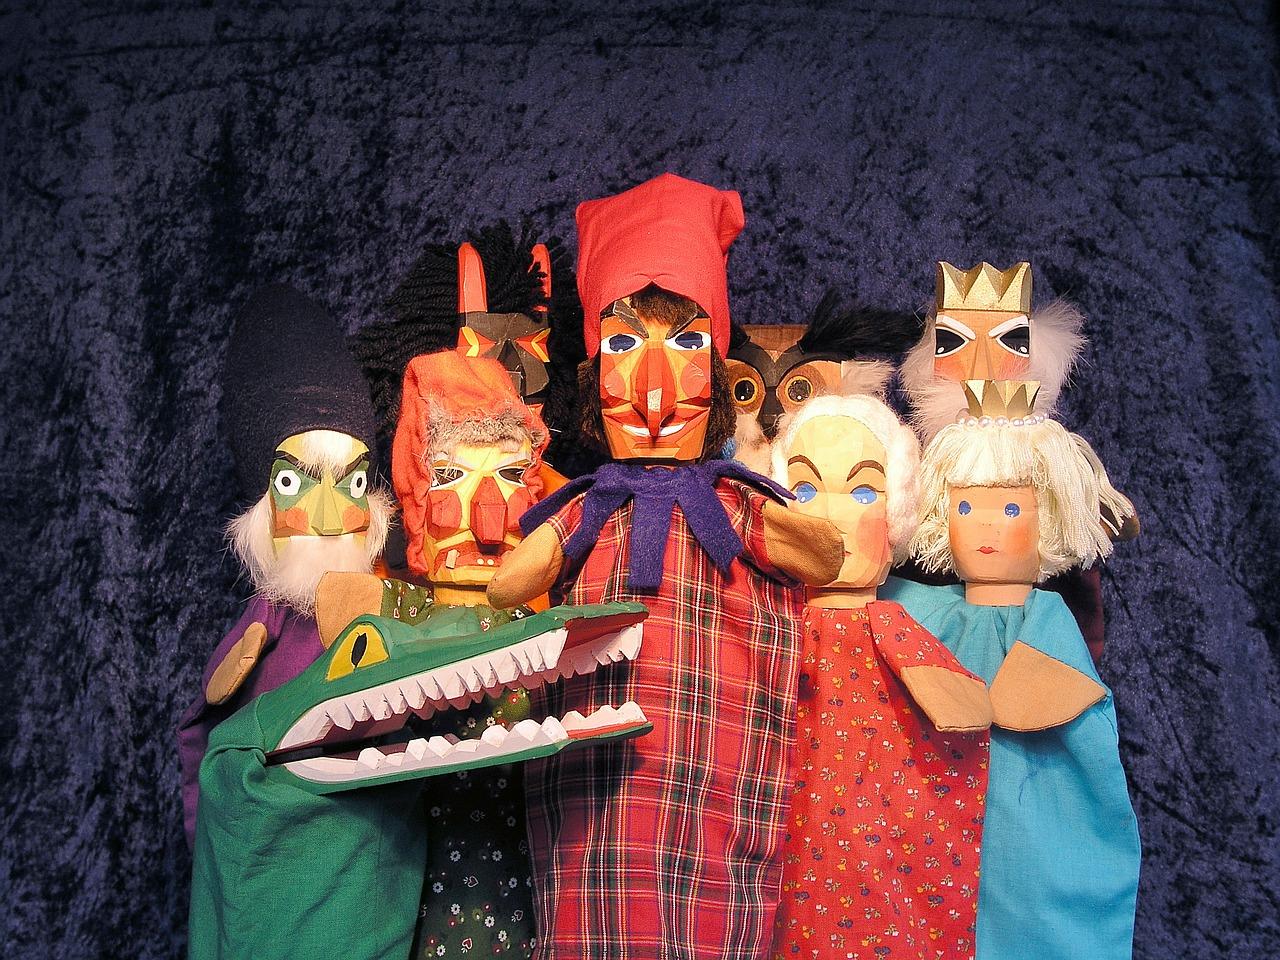 Das Theater lässt die Puppen tanzen